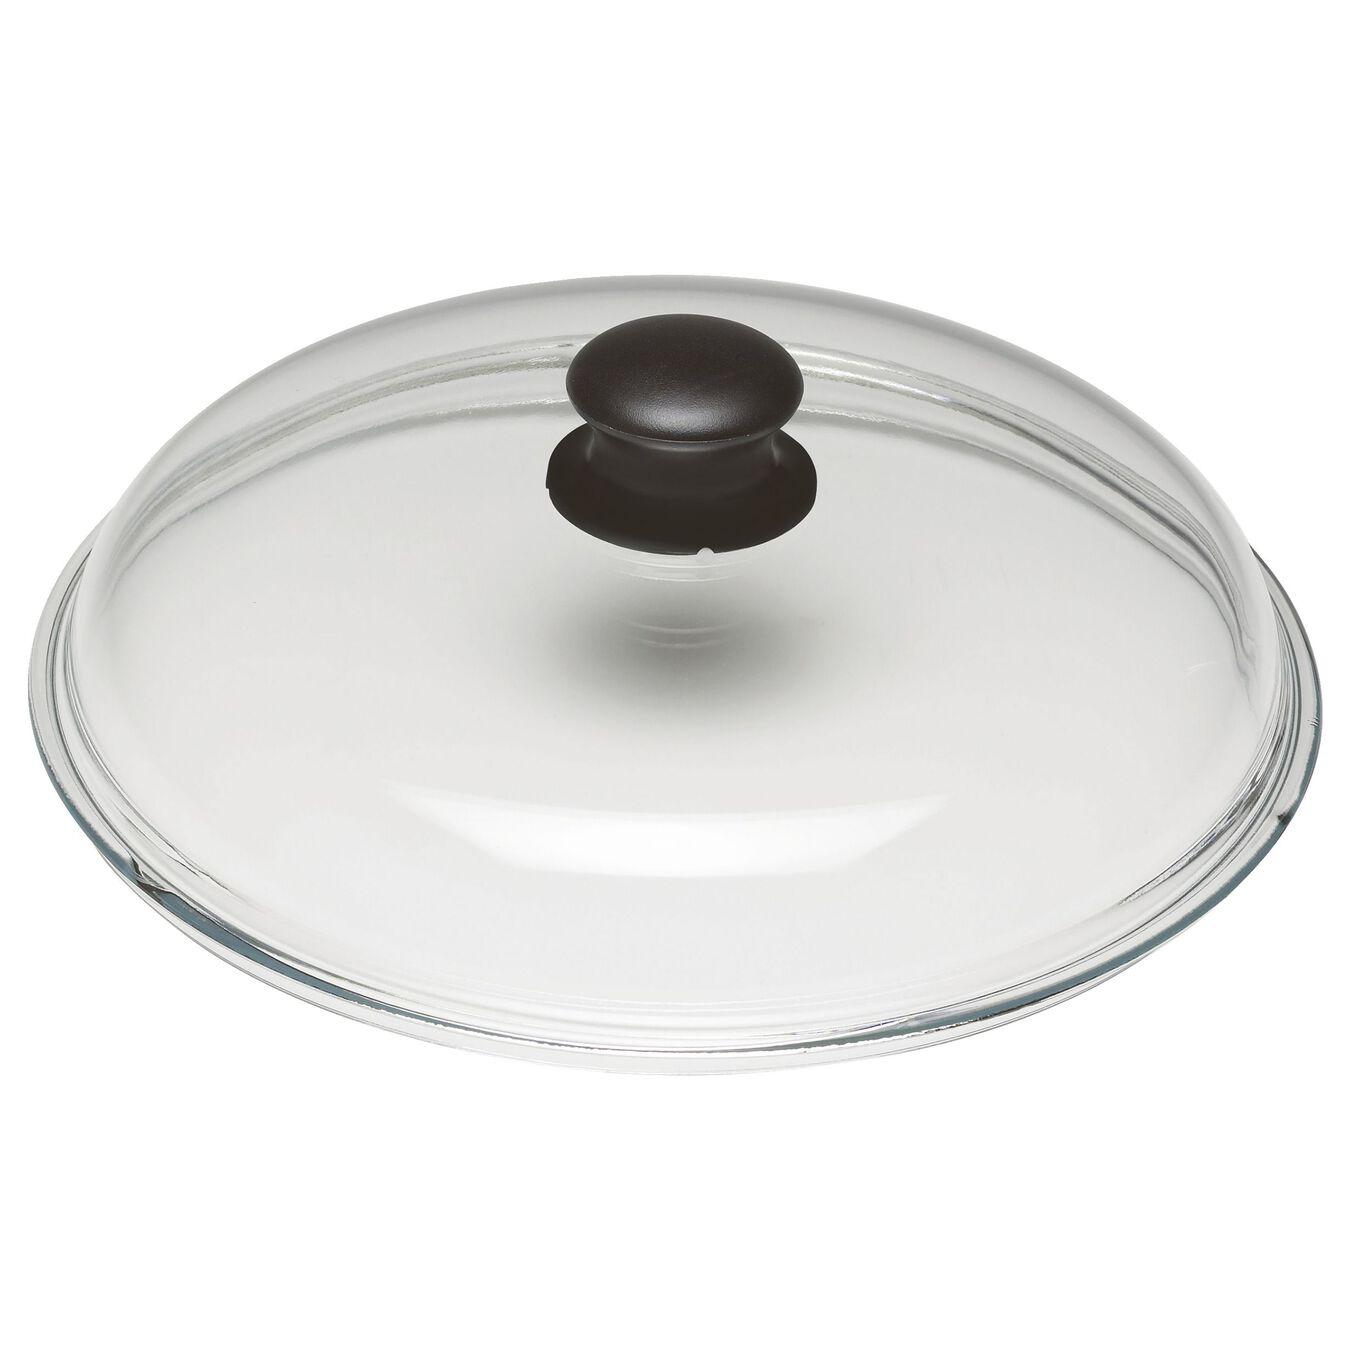 Coperchio - 20 cm, vetro,,large 1